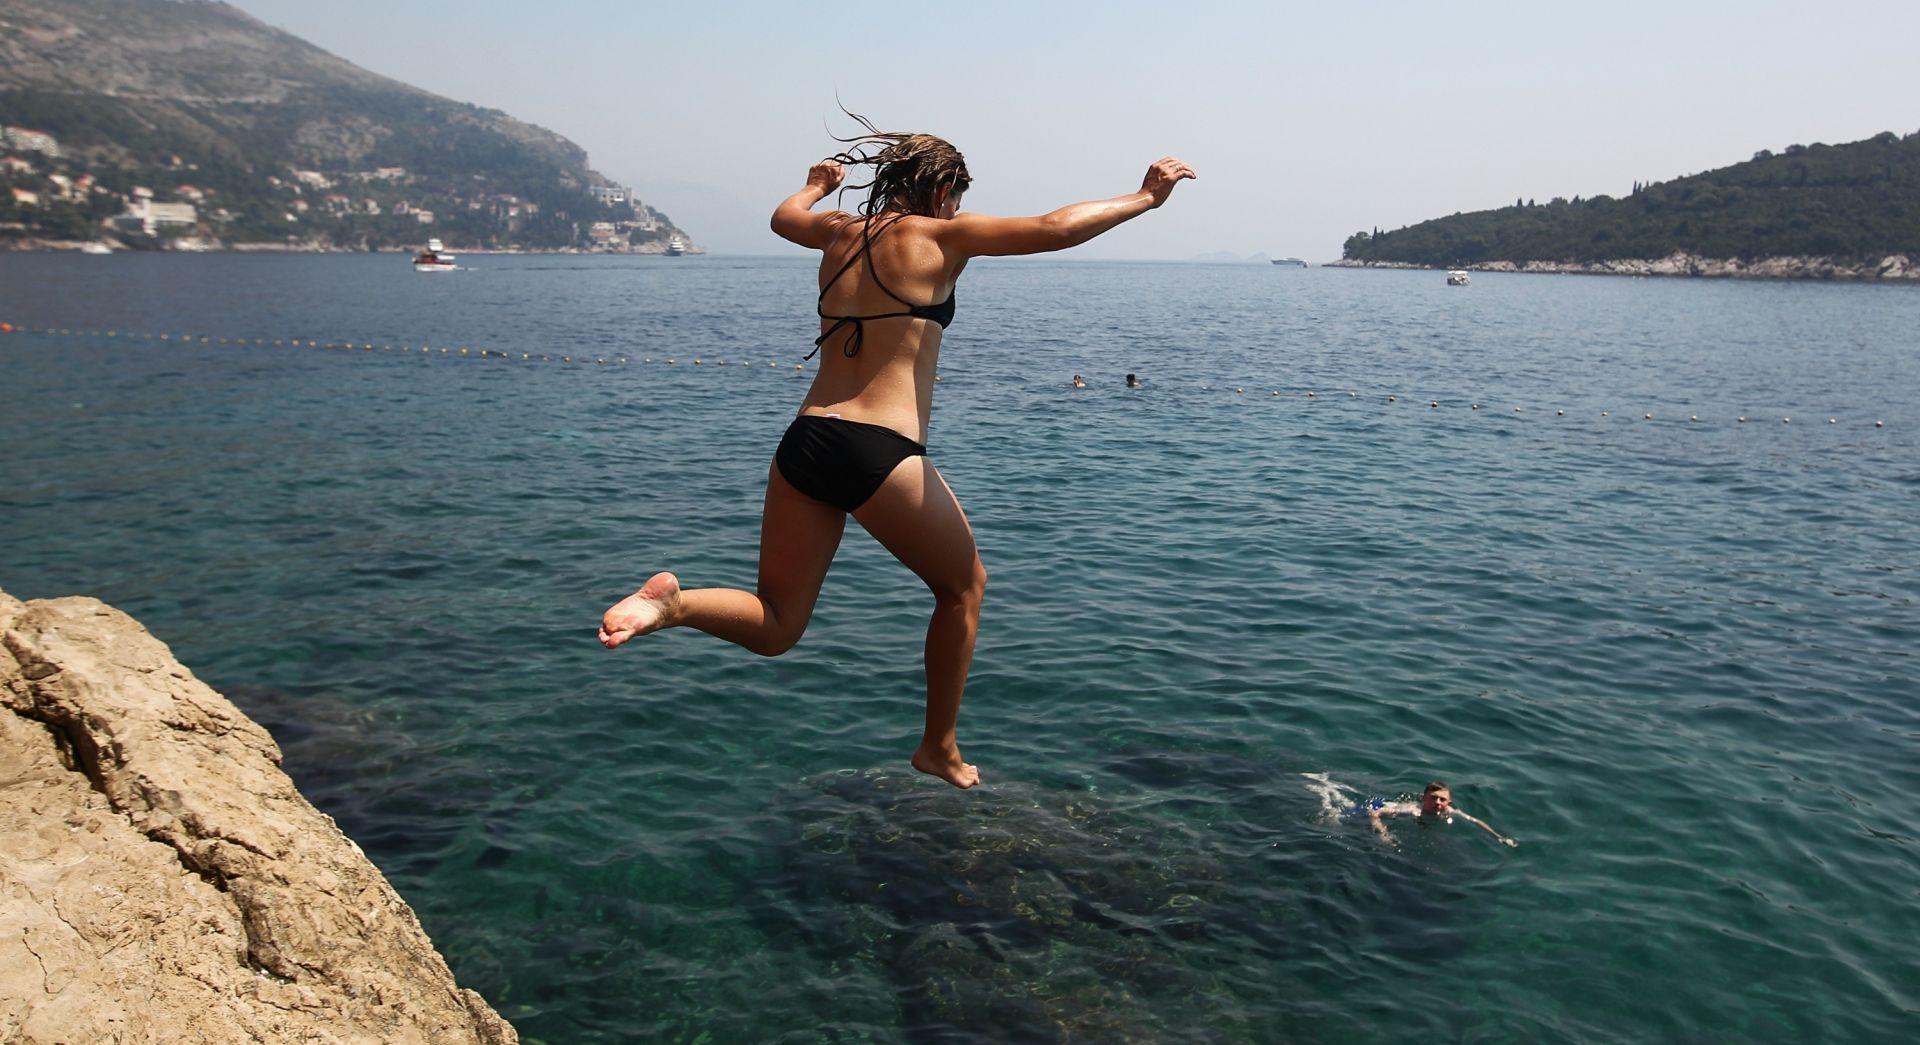 """ACCUWEATHER IZDAO PROGNOZU ZA LJETO """"Ovo će biti jedno od najtoplijih ljeta na Balkanu u posljednjih nekoliko godina"""""""